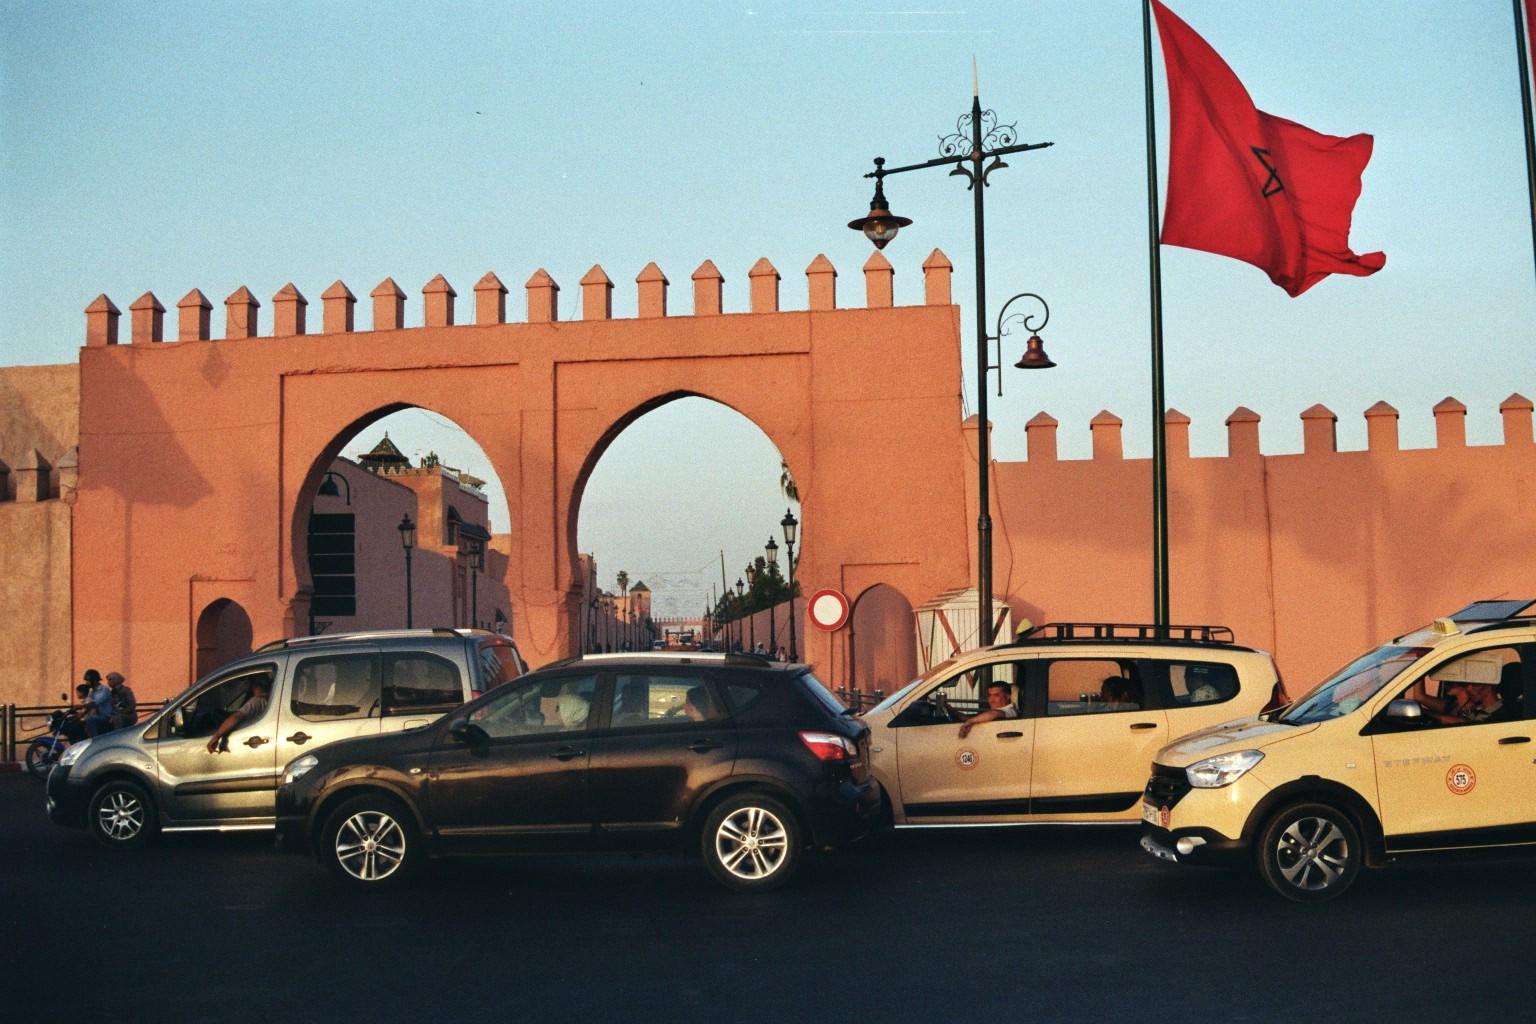 Verkehr am Stadttor Marrakesch